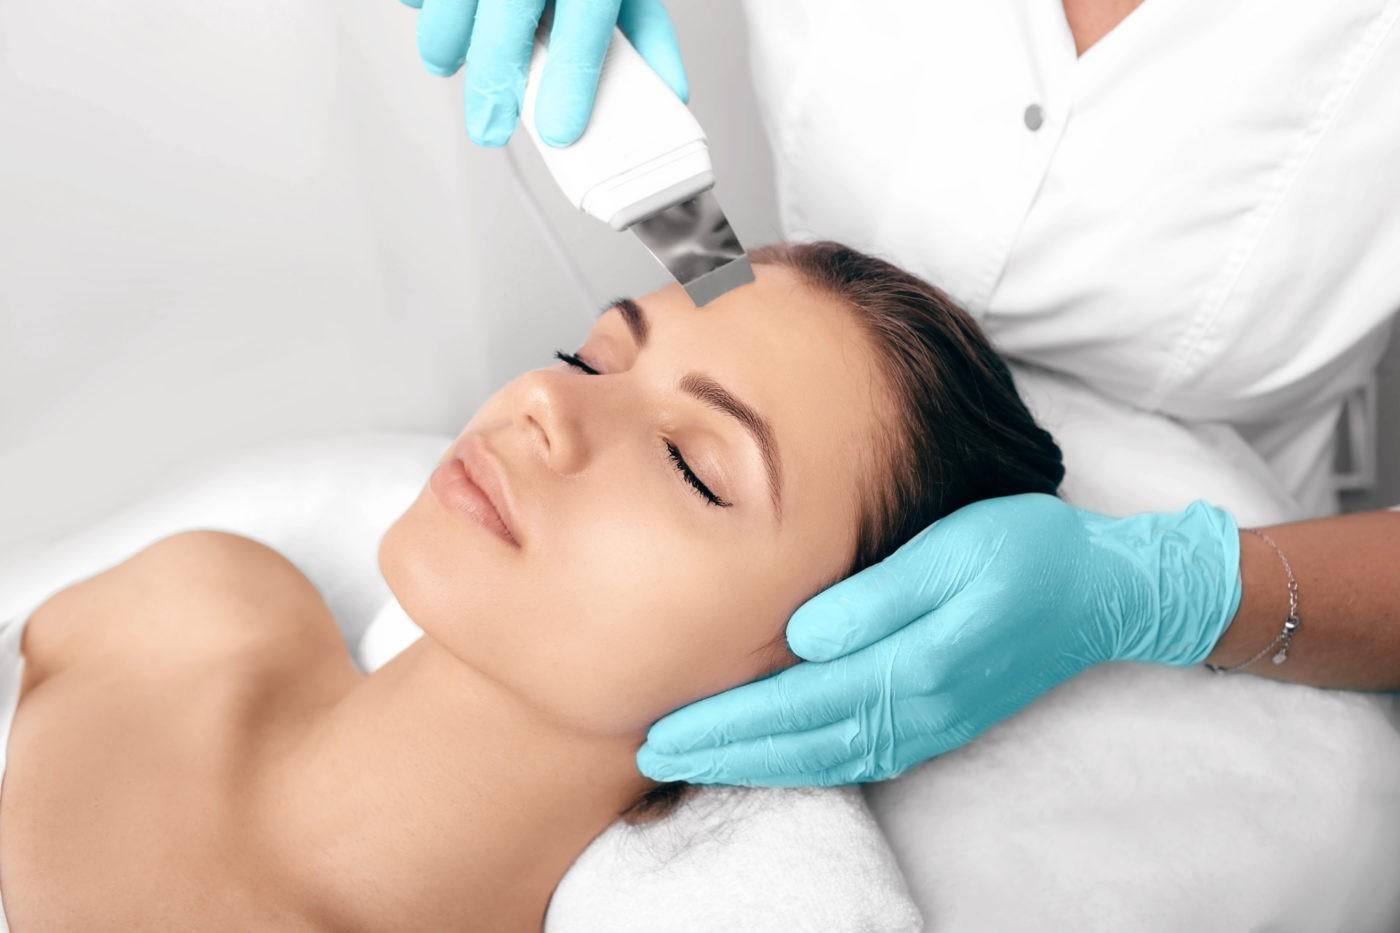 Поход к косметологу: причуда или бьюти-необходимость - фото №1